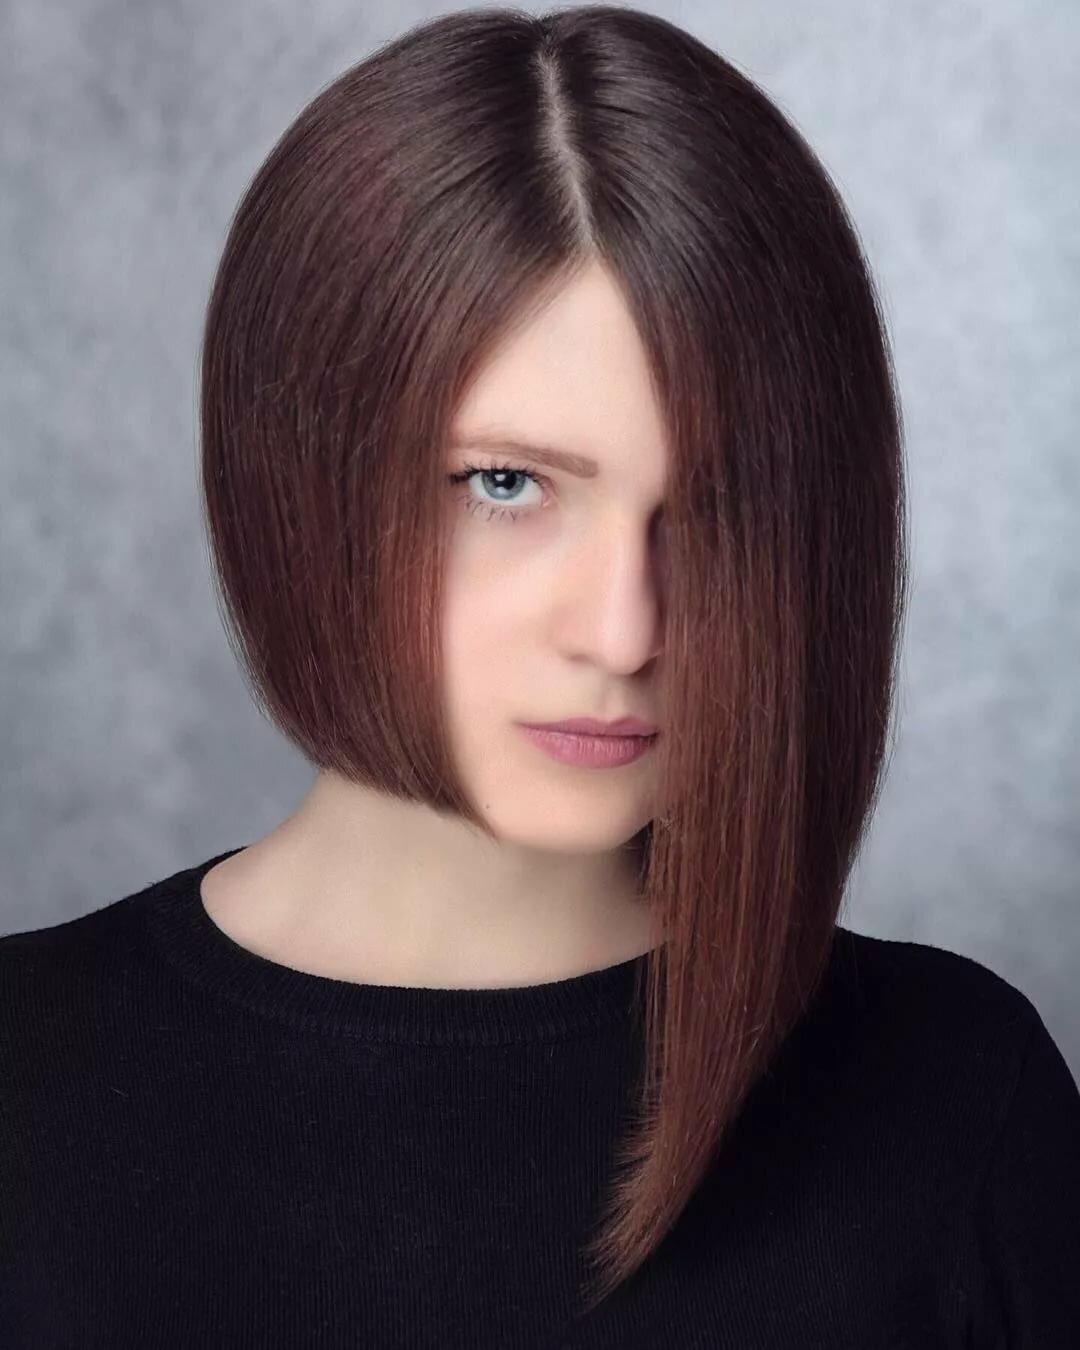 век фотошопа картинки разных стрижек волос сделали